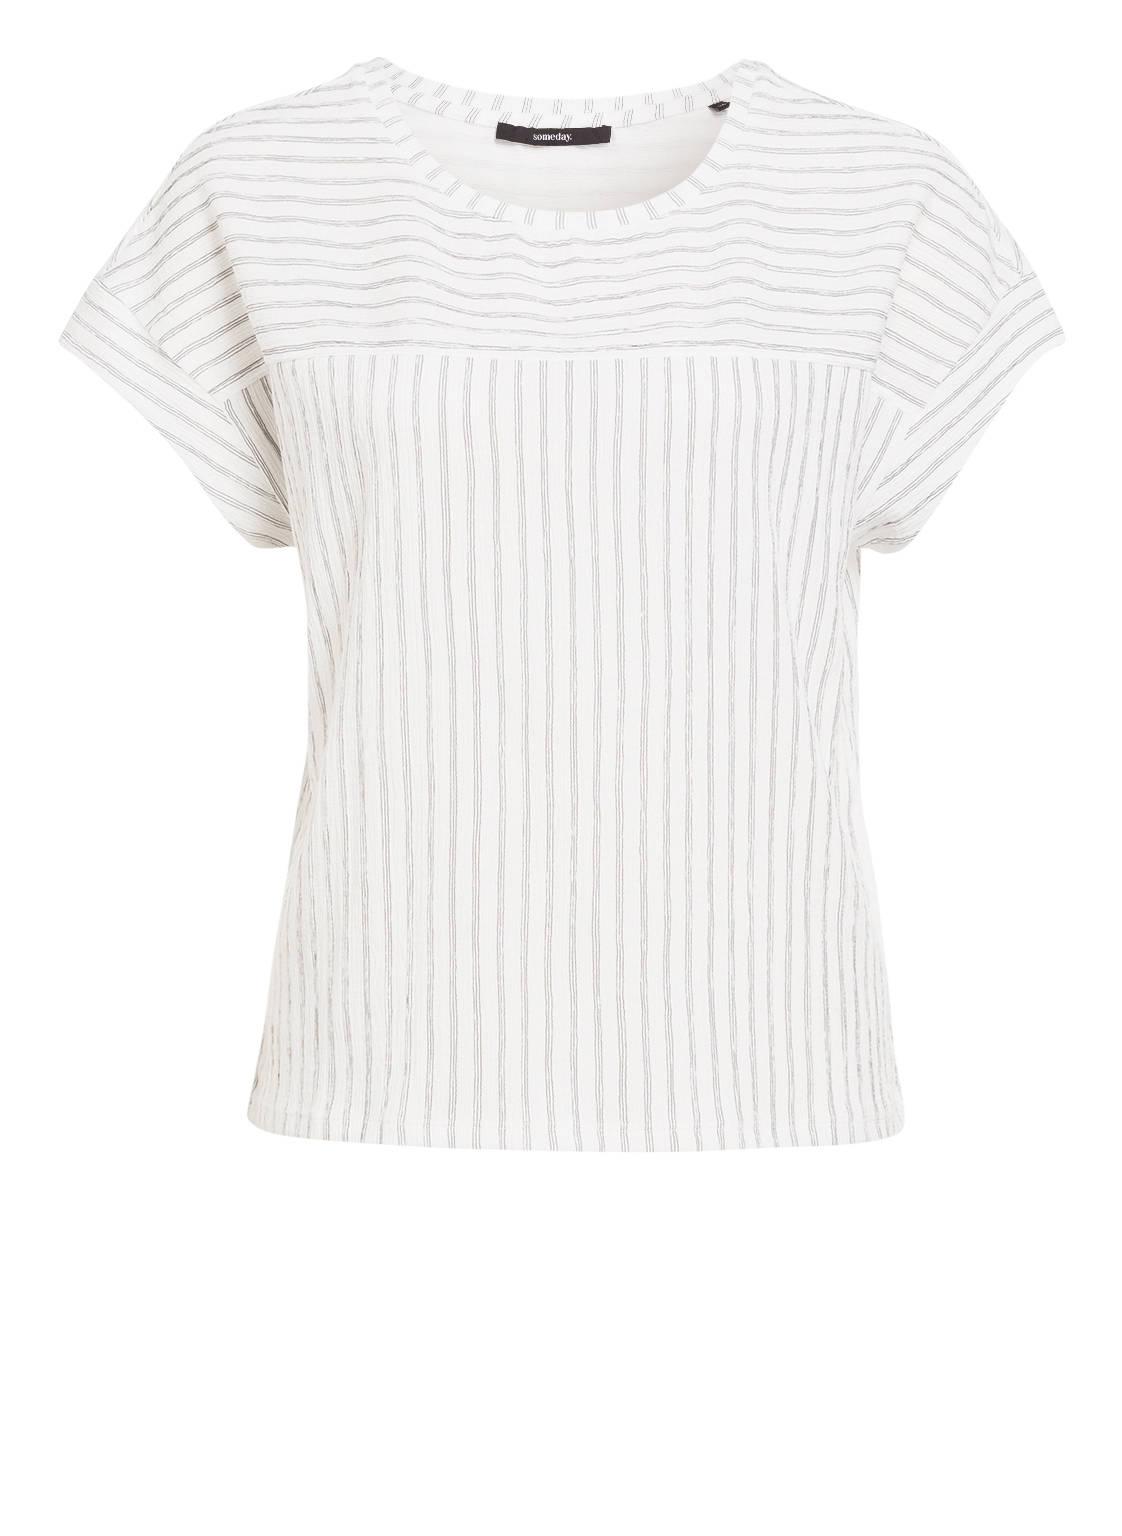 Artikel klicken und genauer betrachten! - Das T-Shirt KAY von someday bezaubert mit seiner einzigartigen Materialqualität. Der gestreifte Stoff in Crêpe-Optik wurde in verschiedenen Richtungen eingesetzt und betont auf stilsichere Weise die angeschnittenen Ärmel. Stylen Sie das Shirt zu einer Hose in ausdrucksstarken Farben! Details: Gerader Schnitt. Rundhalsausschnitt. Angeschnittene Ärmel. Schräg eingesetzte Stoffbahnen. Gestreifte Strickqualität. Maße bei Größe 36:- Rückenlänge ab Schulter: 57 cm Der Artikelversand kostet soweit nicht anders angegeben 3.95 € und der Artikel gehört zur Kategorie: Bekleidung. | im Online Shop kaufen